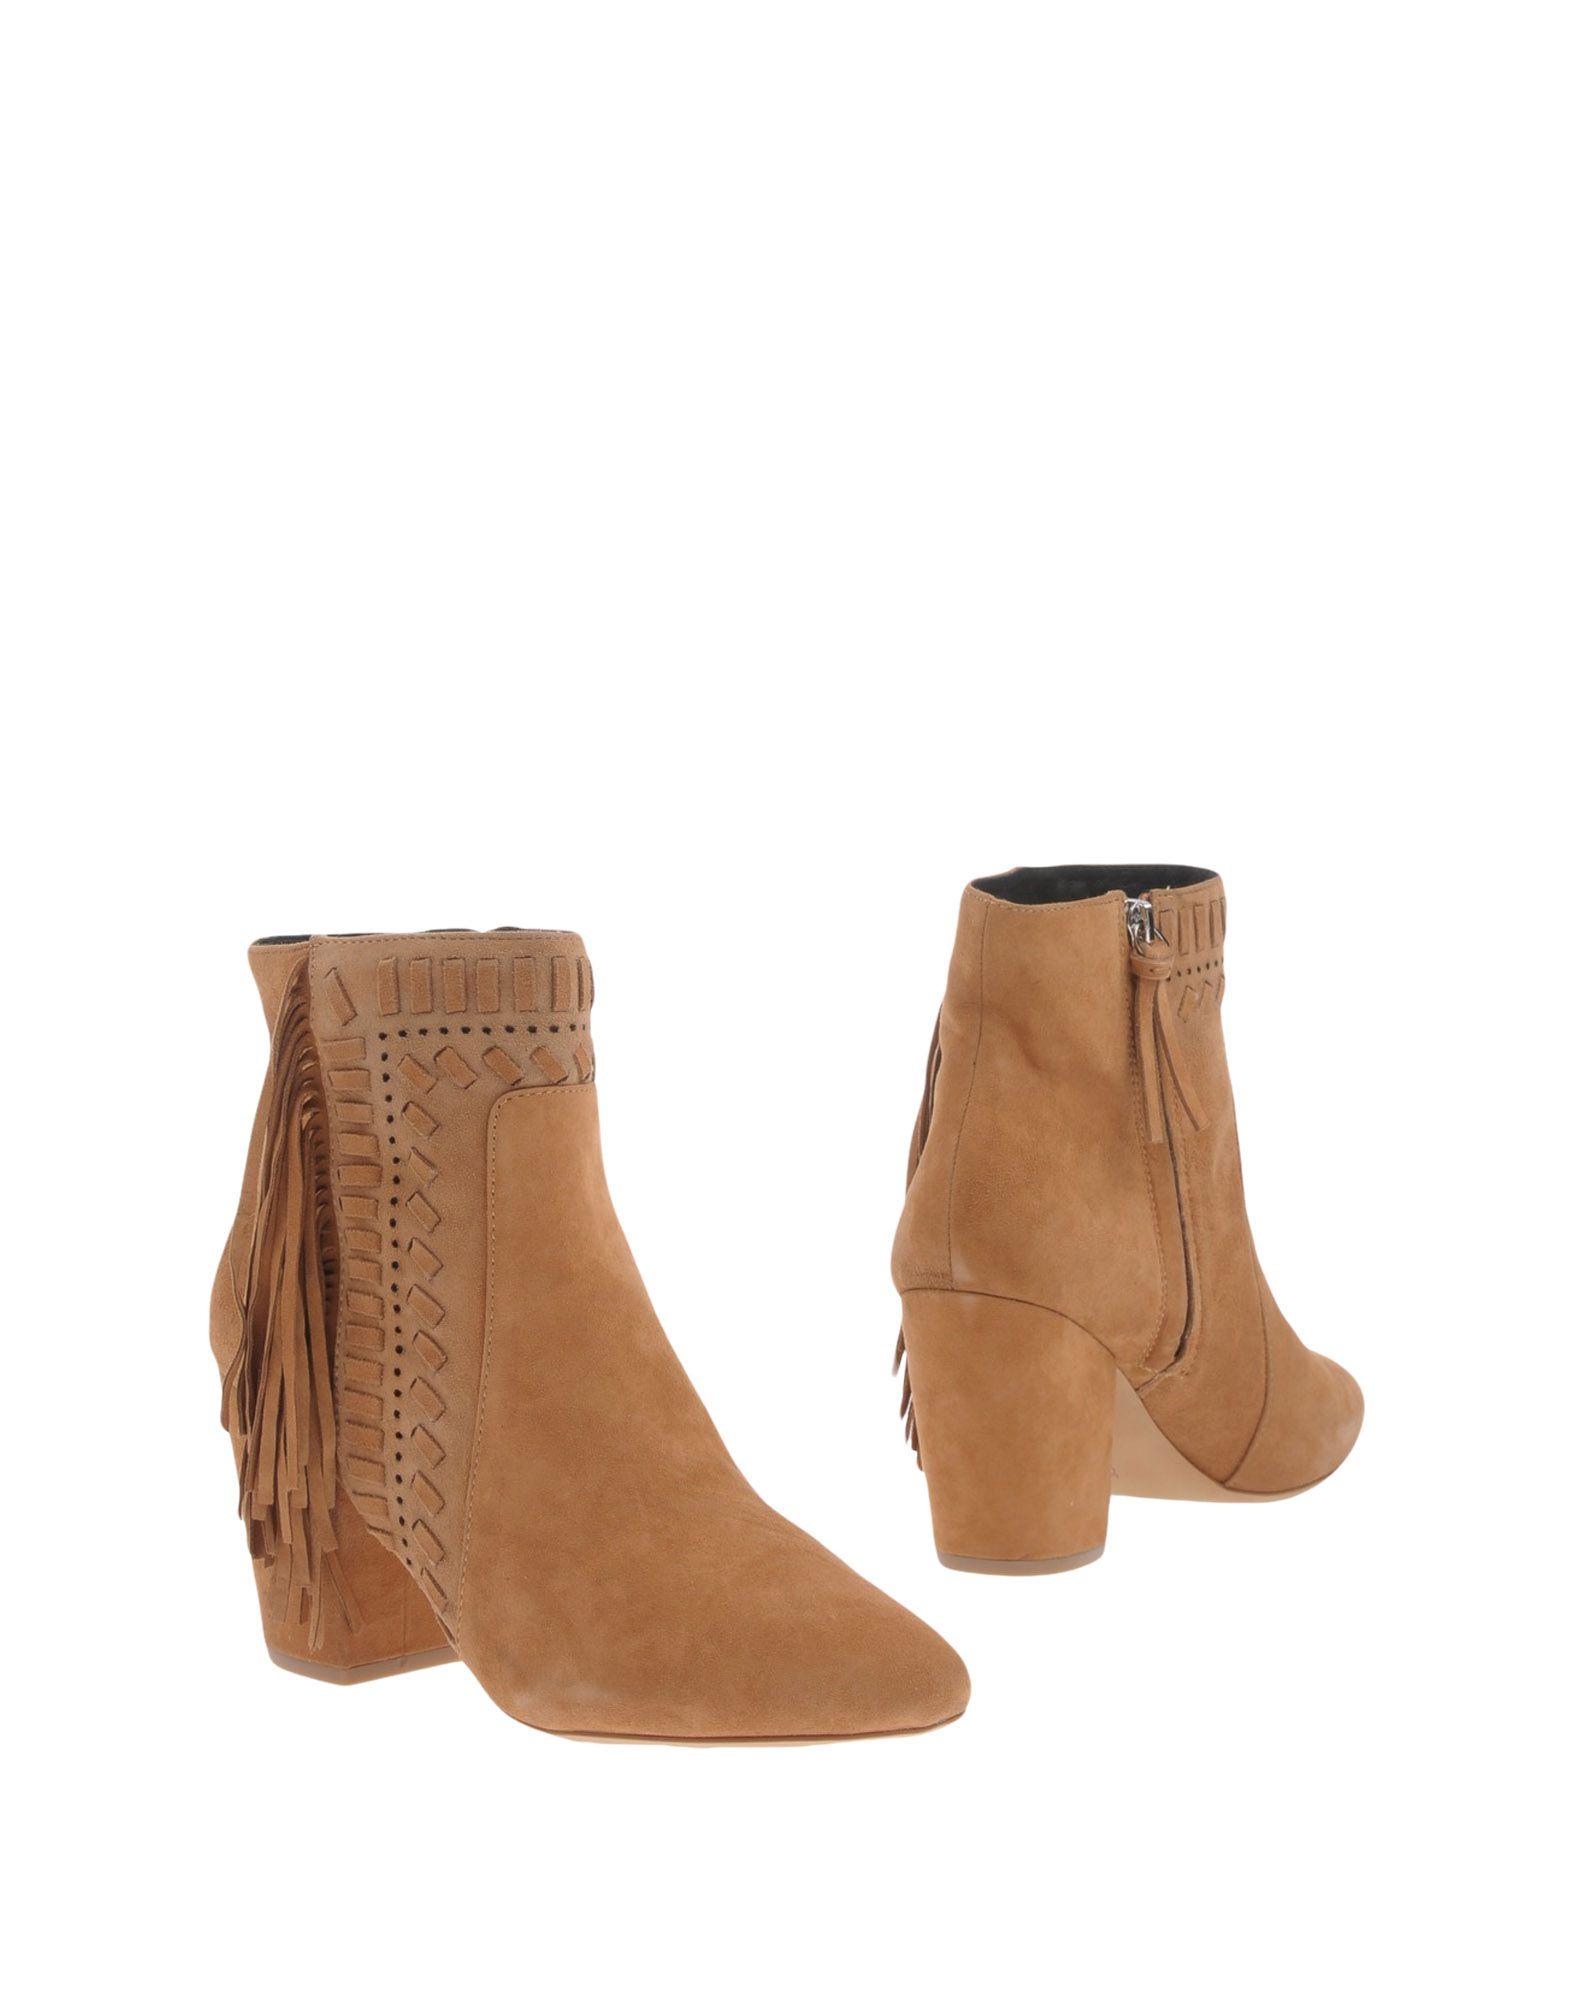 REBECCA MINKOFF Полусапоги и высокие ботинки сумка rebecca minkoff rebecca minkoff re035bwoau95